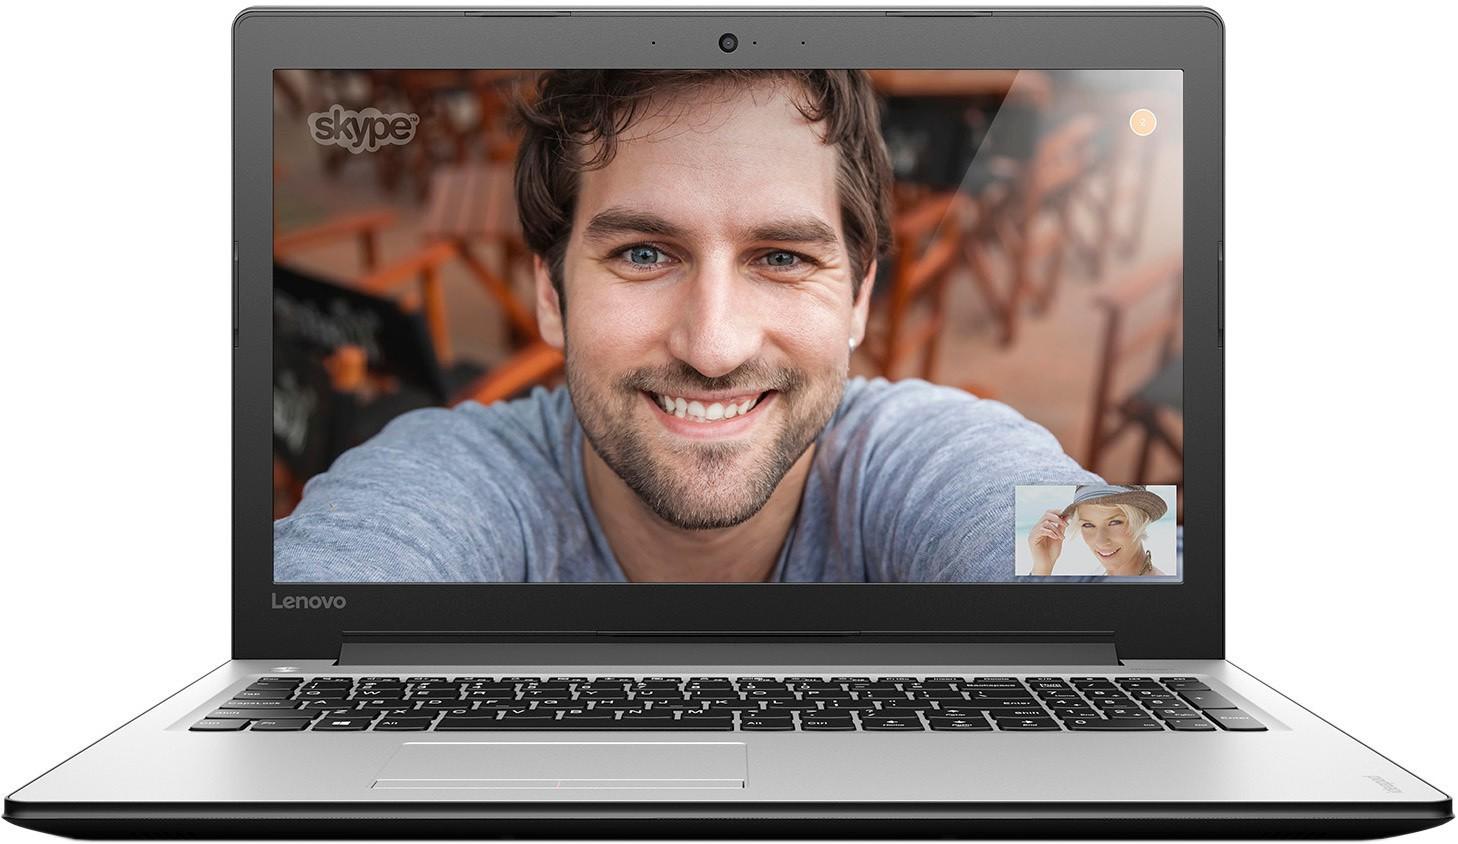 Lenovo IdeaPad 310-15ISK (80SM00VMRK)80SM00VMRKНоутбук Lenovo IdeaPad 310-15ISK i3 6100U / 4 / 500 / 920MX / WiFi / BT / Win10 / 15.6 / 2.02 кг